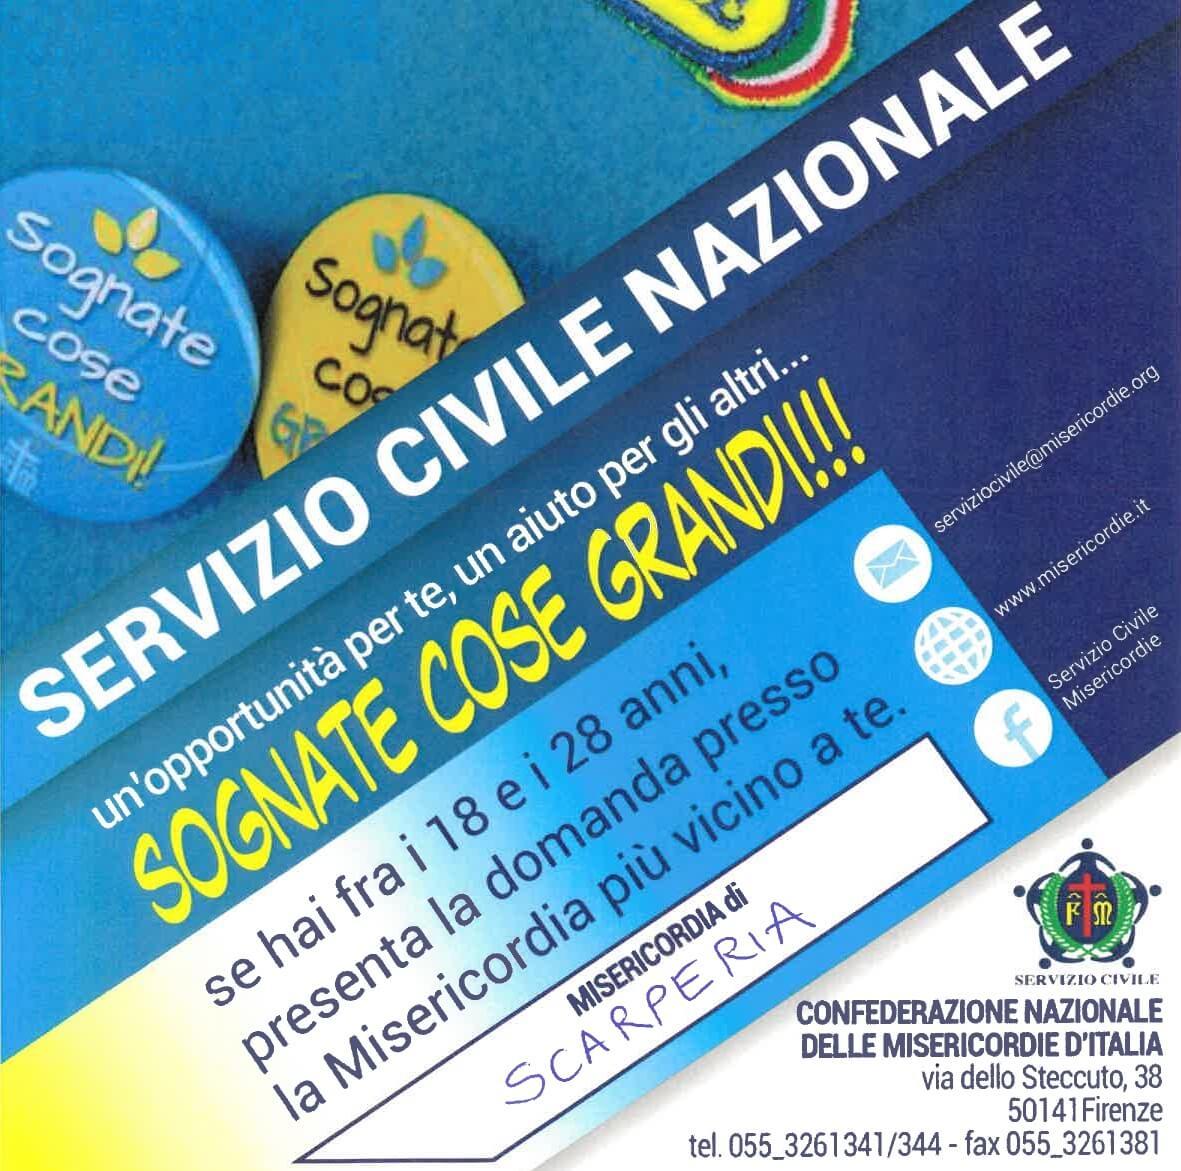 servizio-civile.jpg